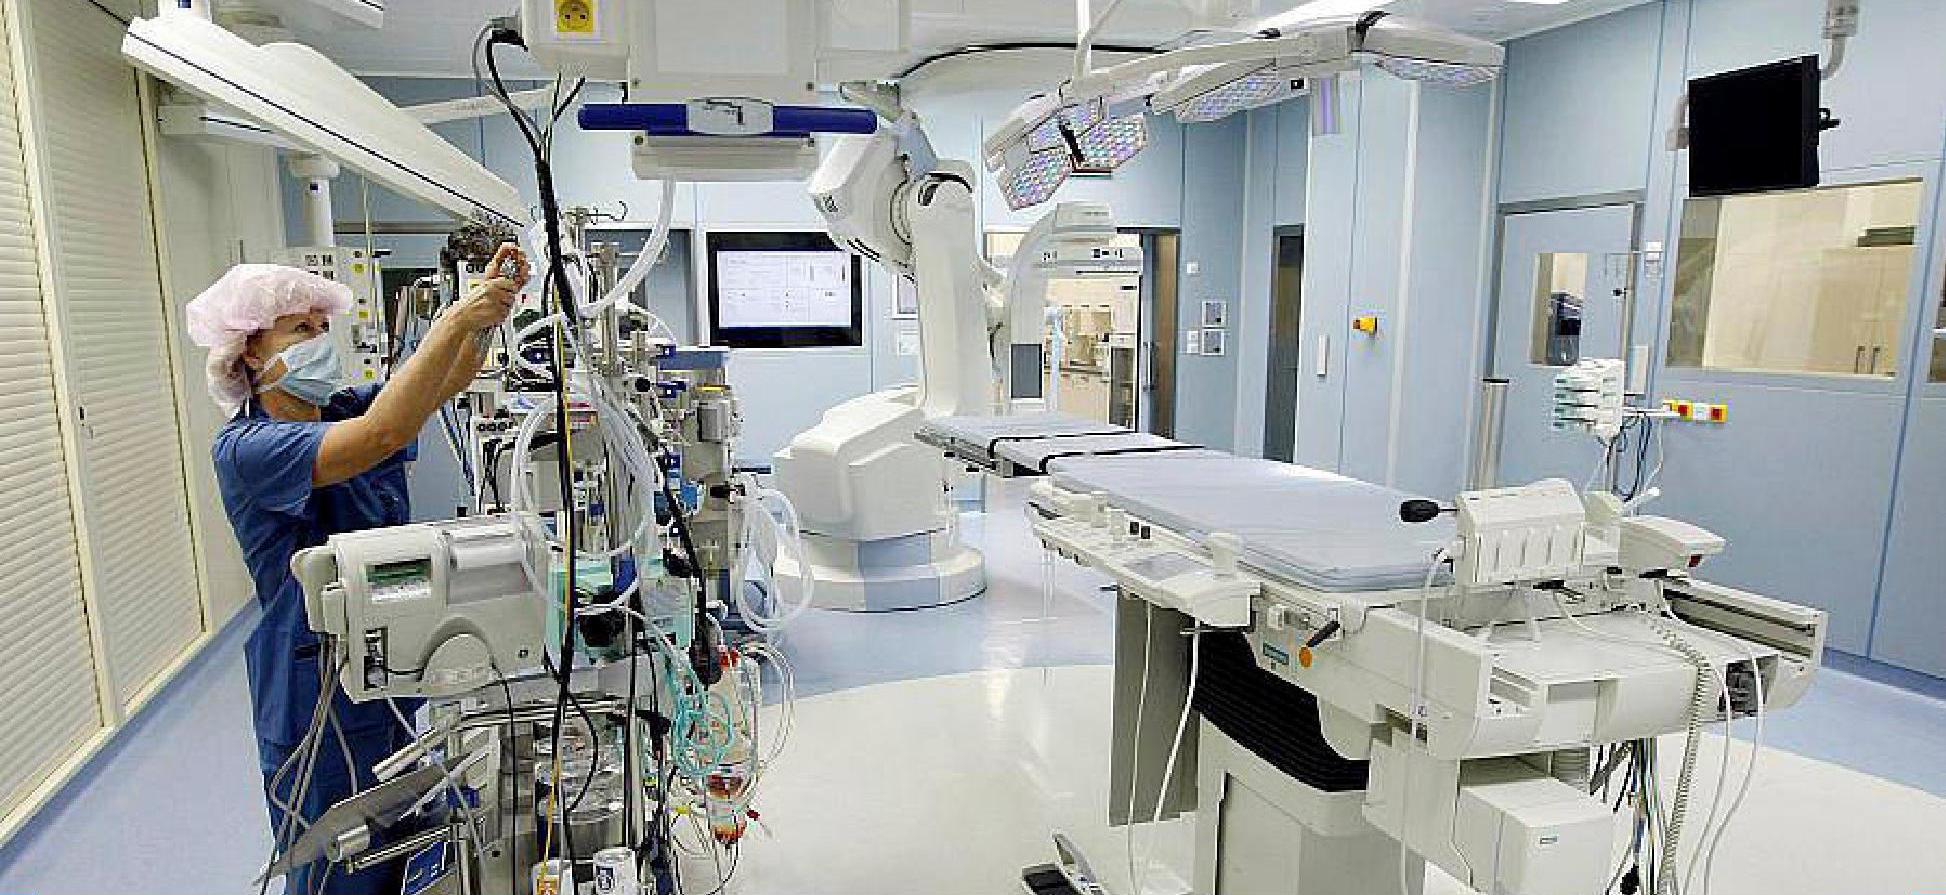 23 частных клиники оказывают бесплатные услуги в Акмолинской области